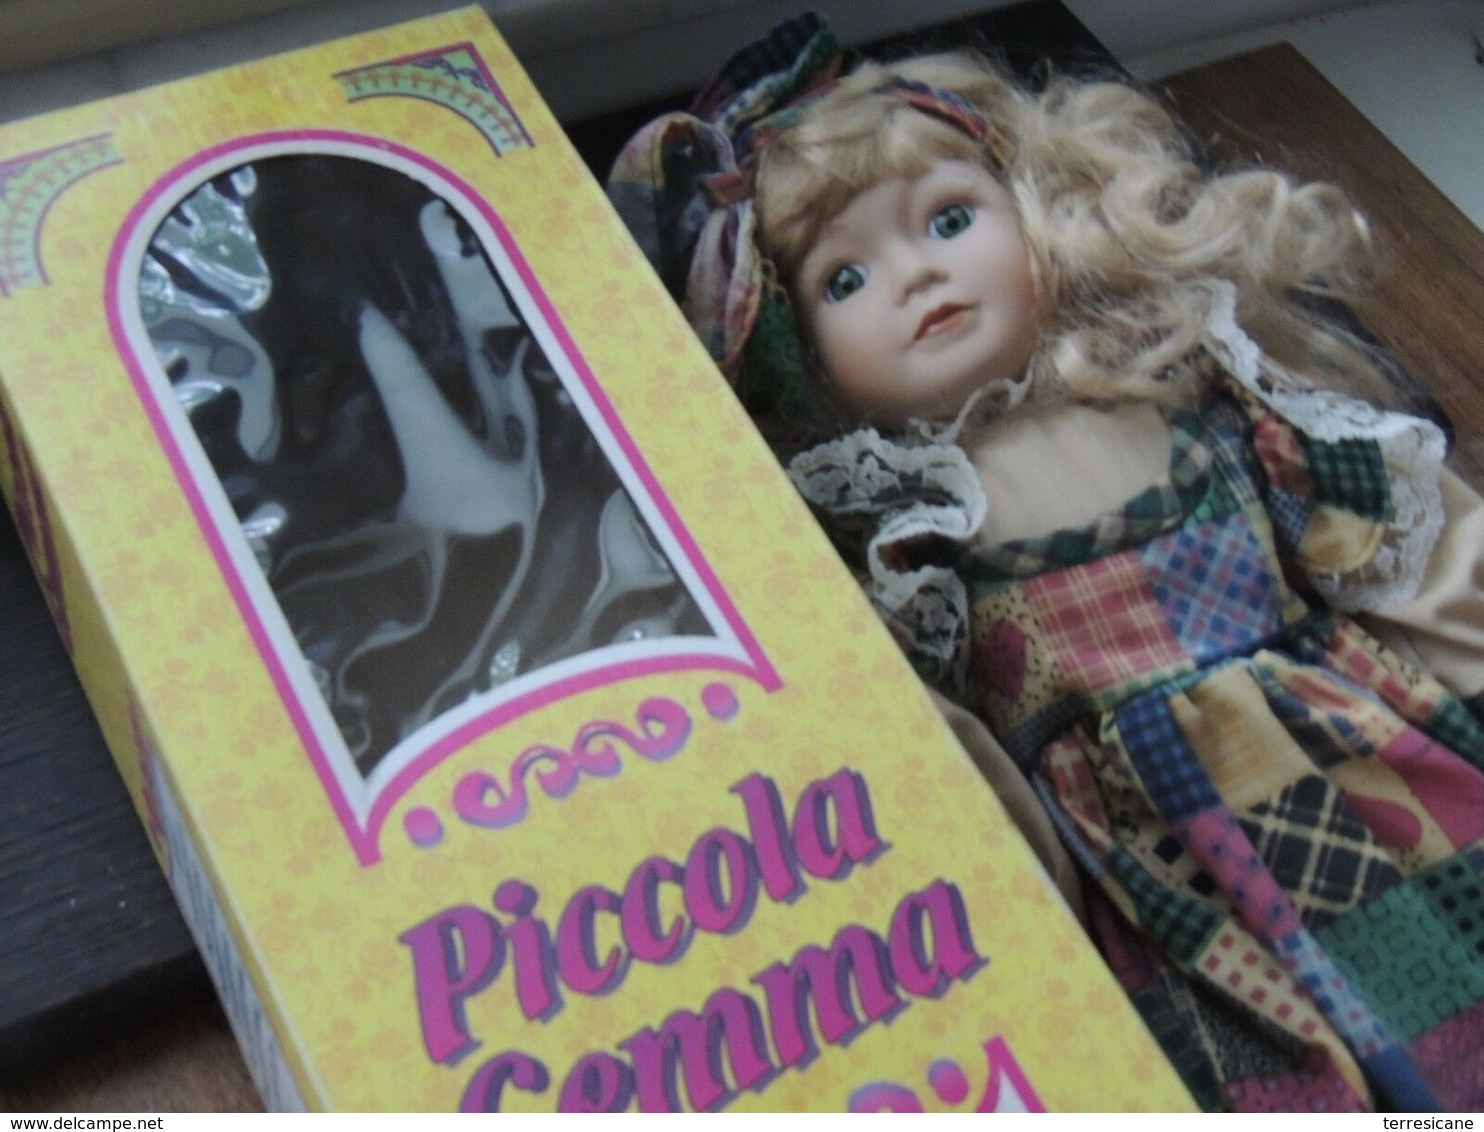 G4 BAMBOLA PORCELLANA COLLEZIONE MANOLO PICCOLA GEMMA VINTAGE BOX - Bambole